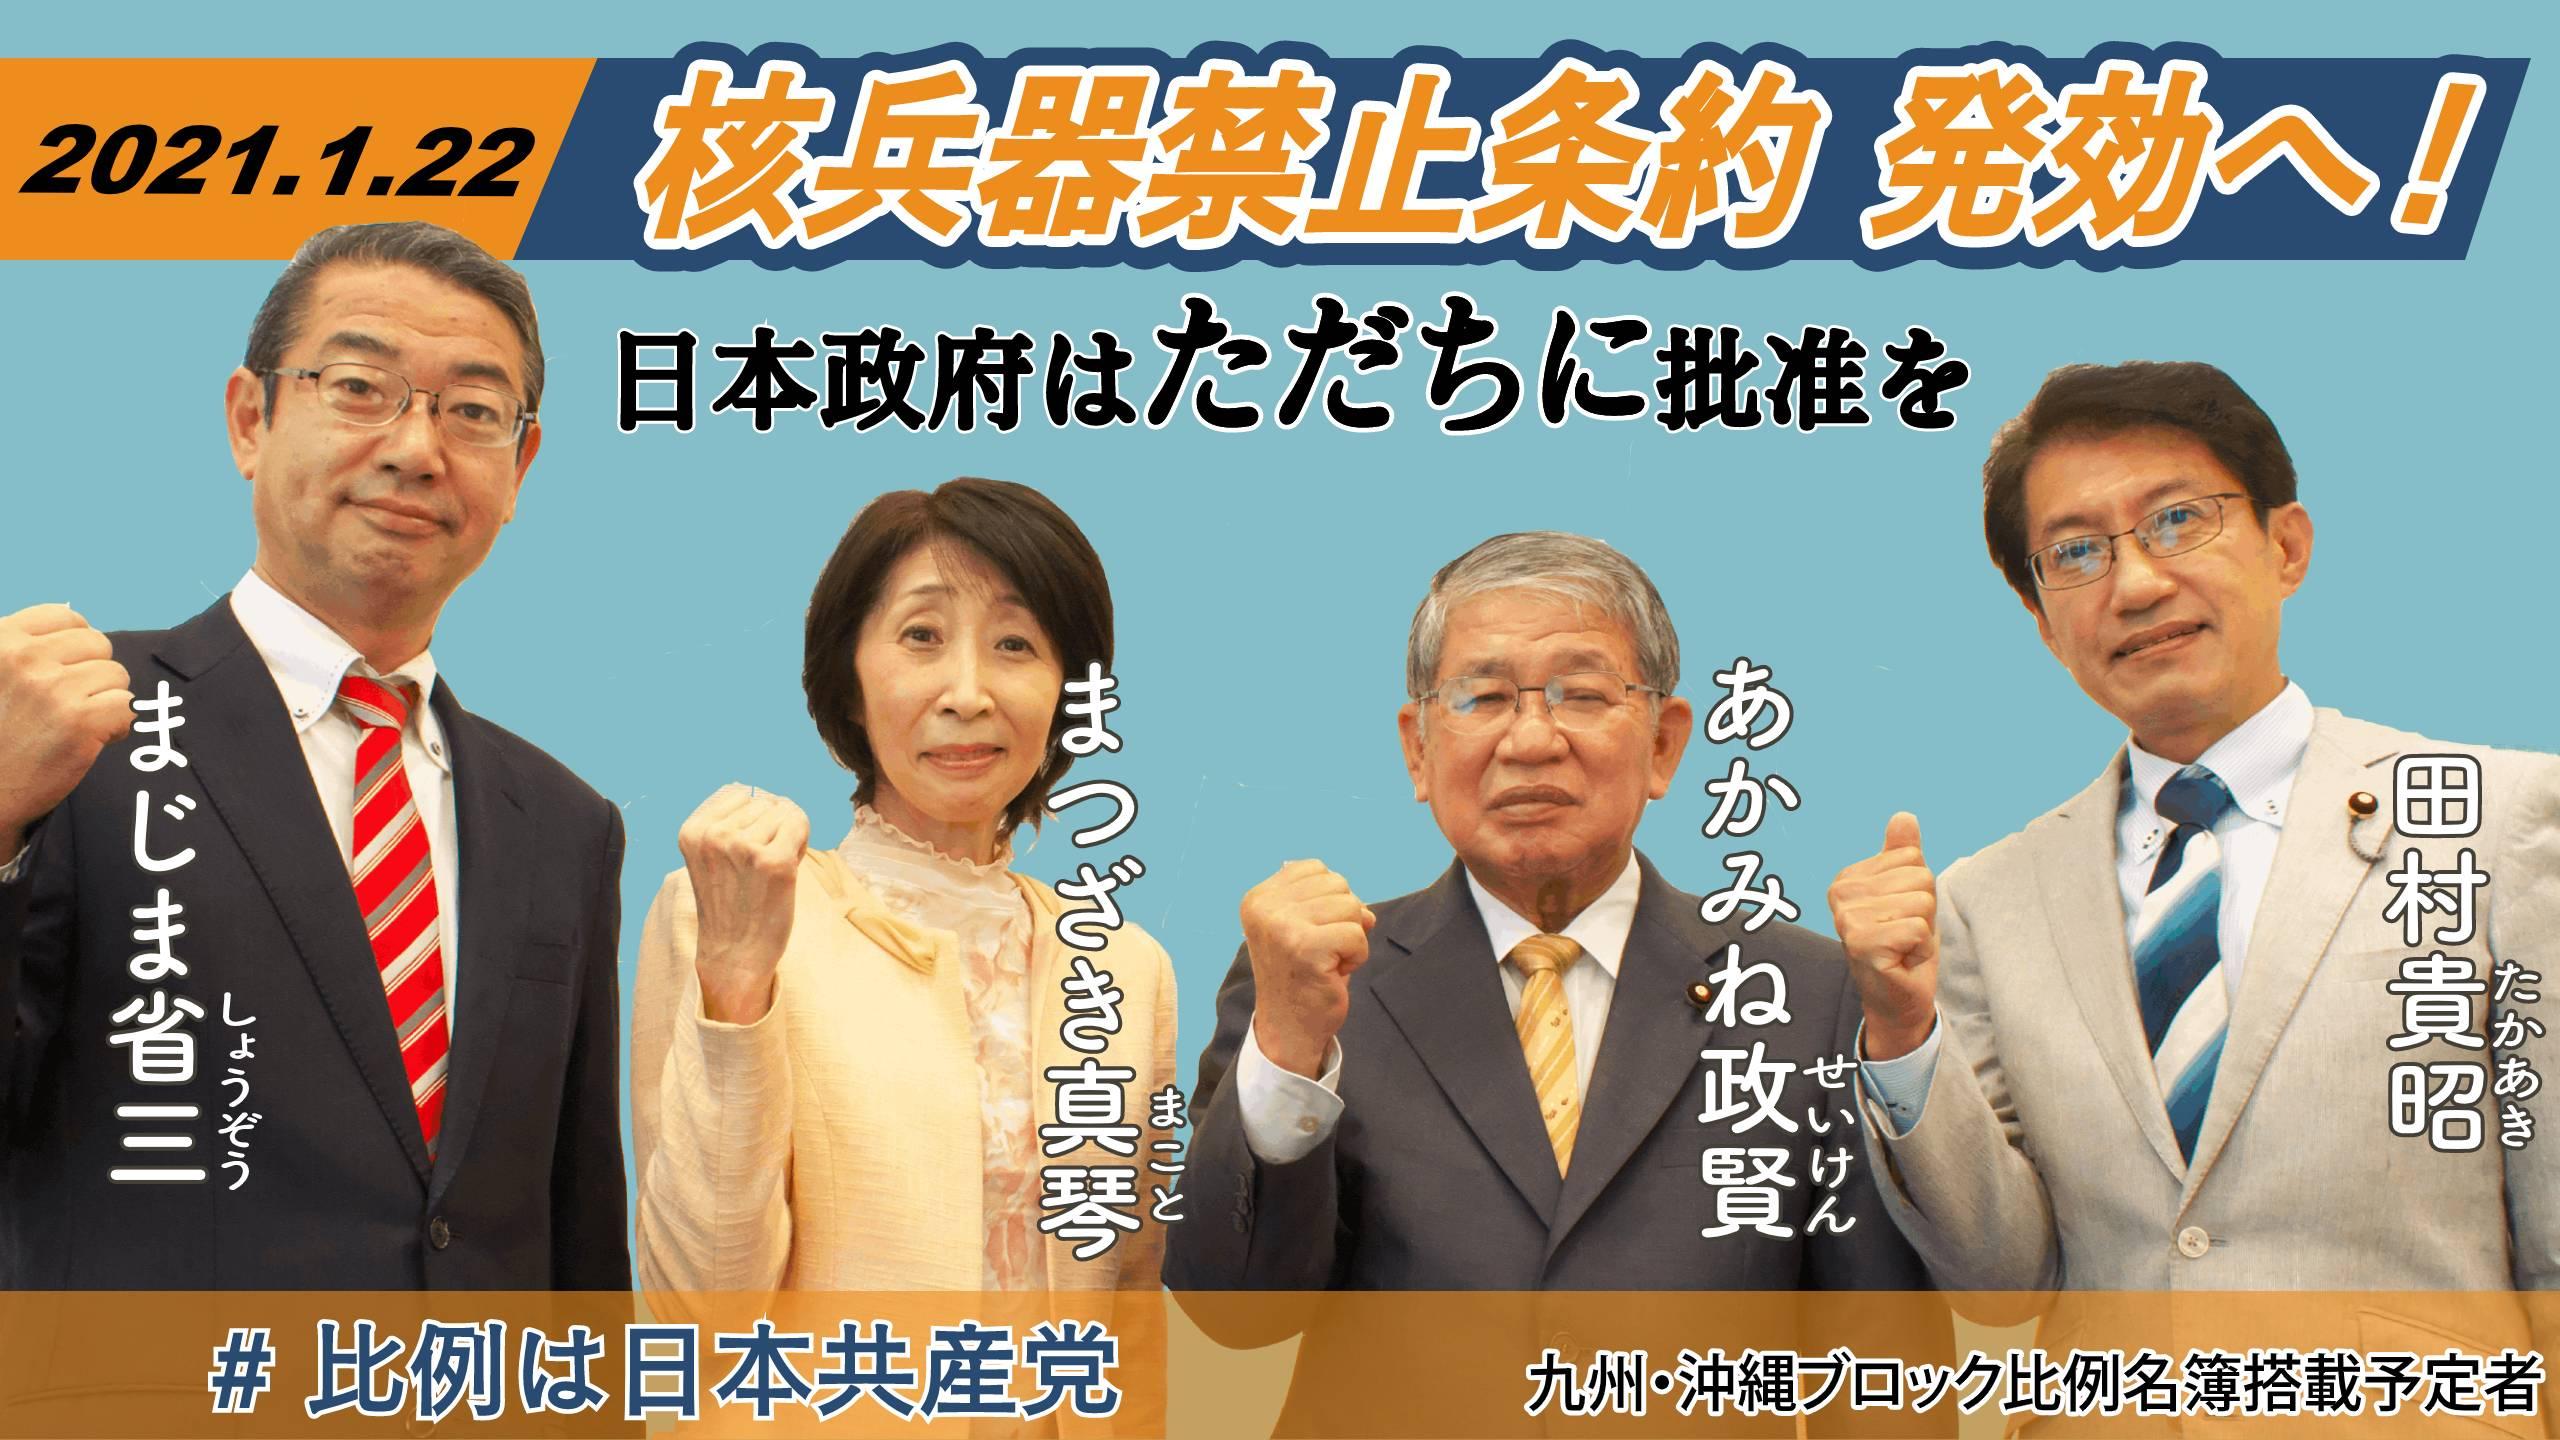 日本共産党九州・沖縄ブロック比例予定候補者